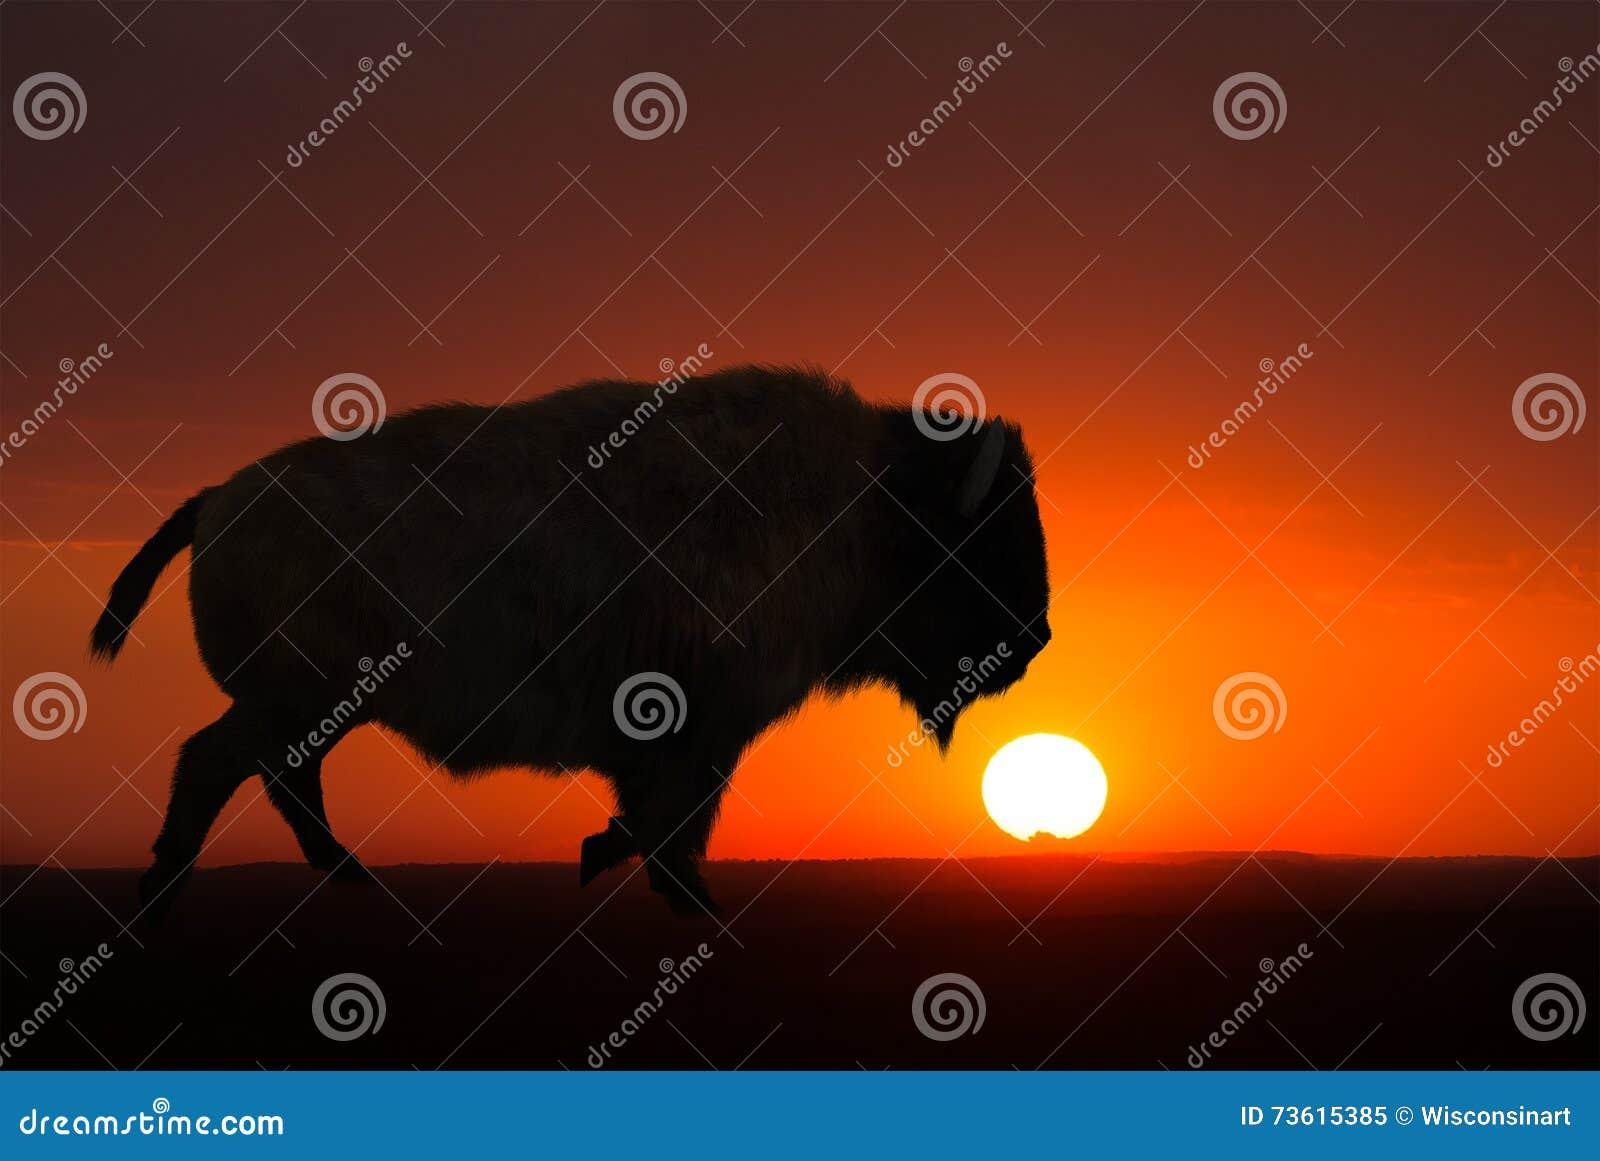 Bizon, żubr, wschód słońca, zmierzch, tło